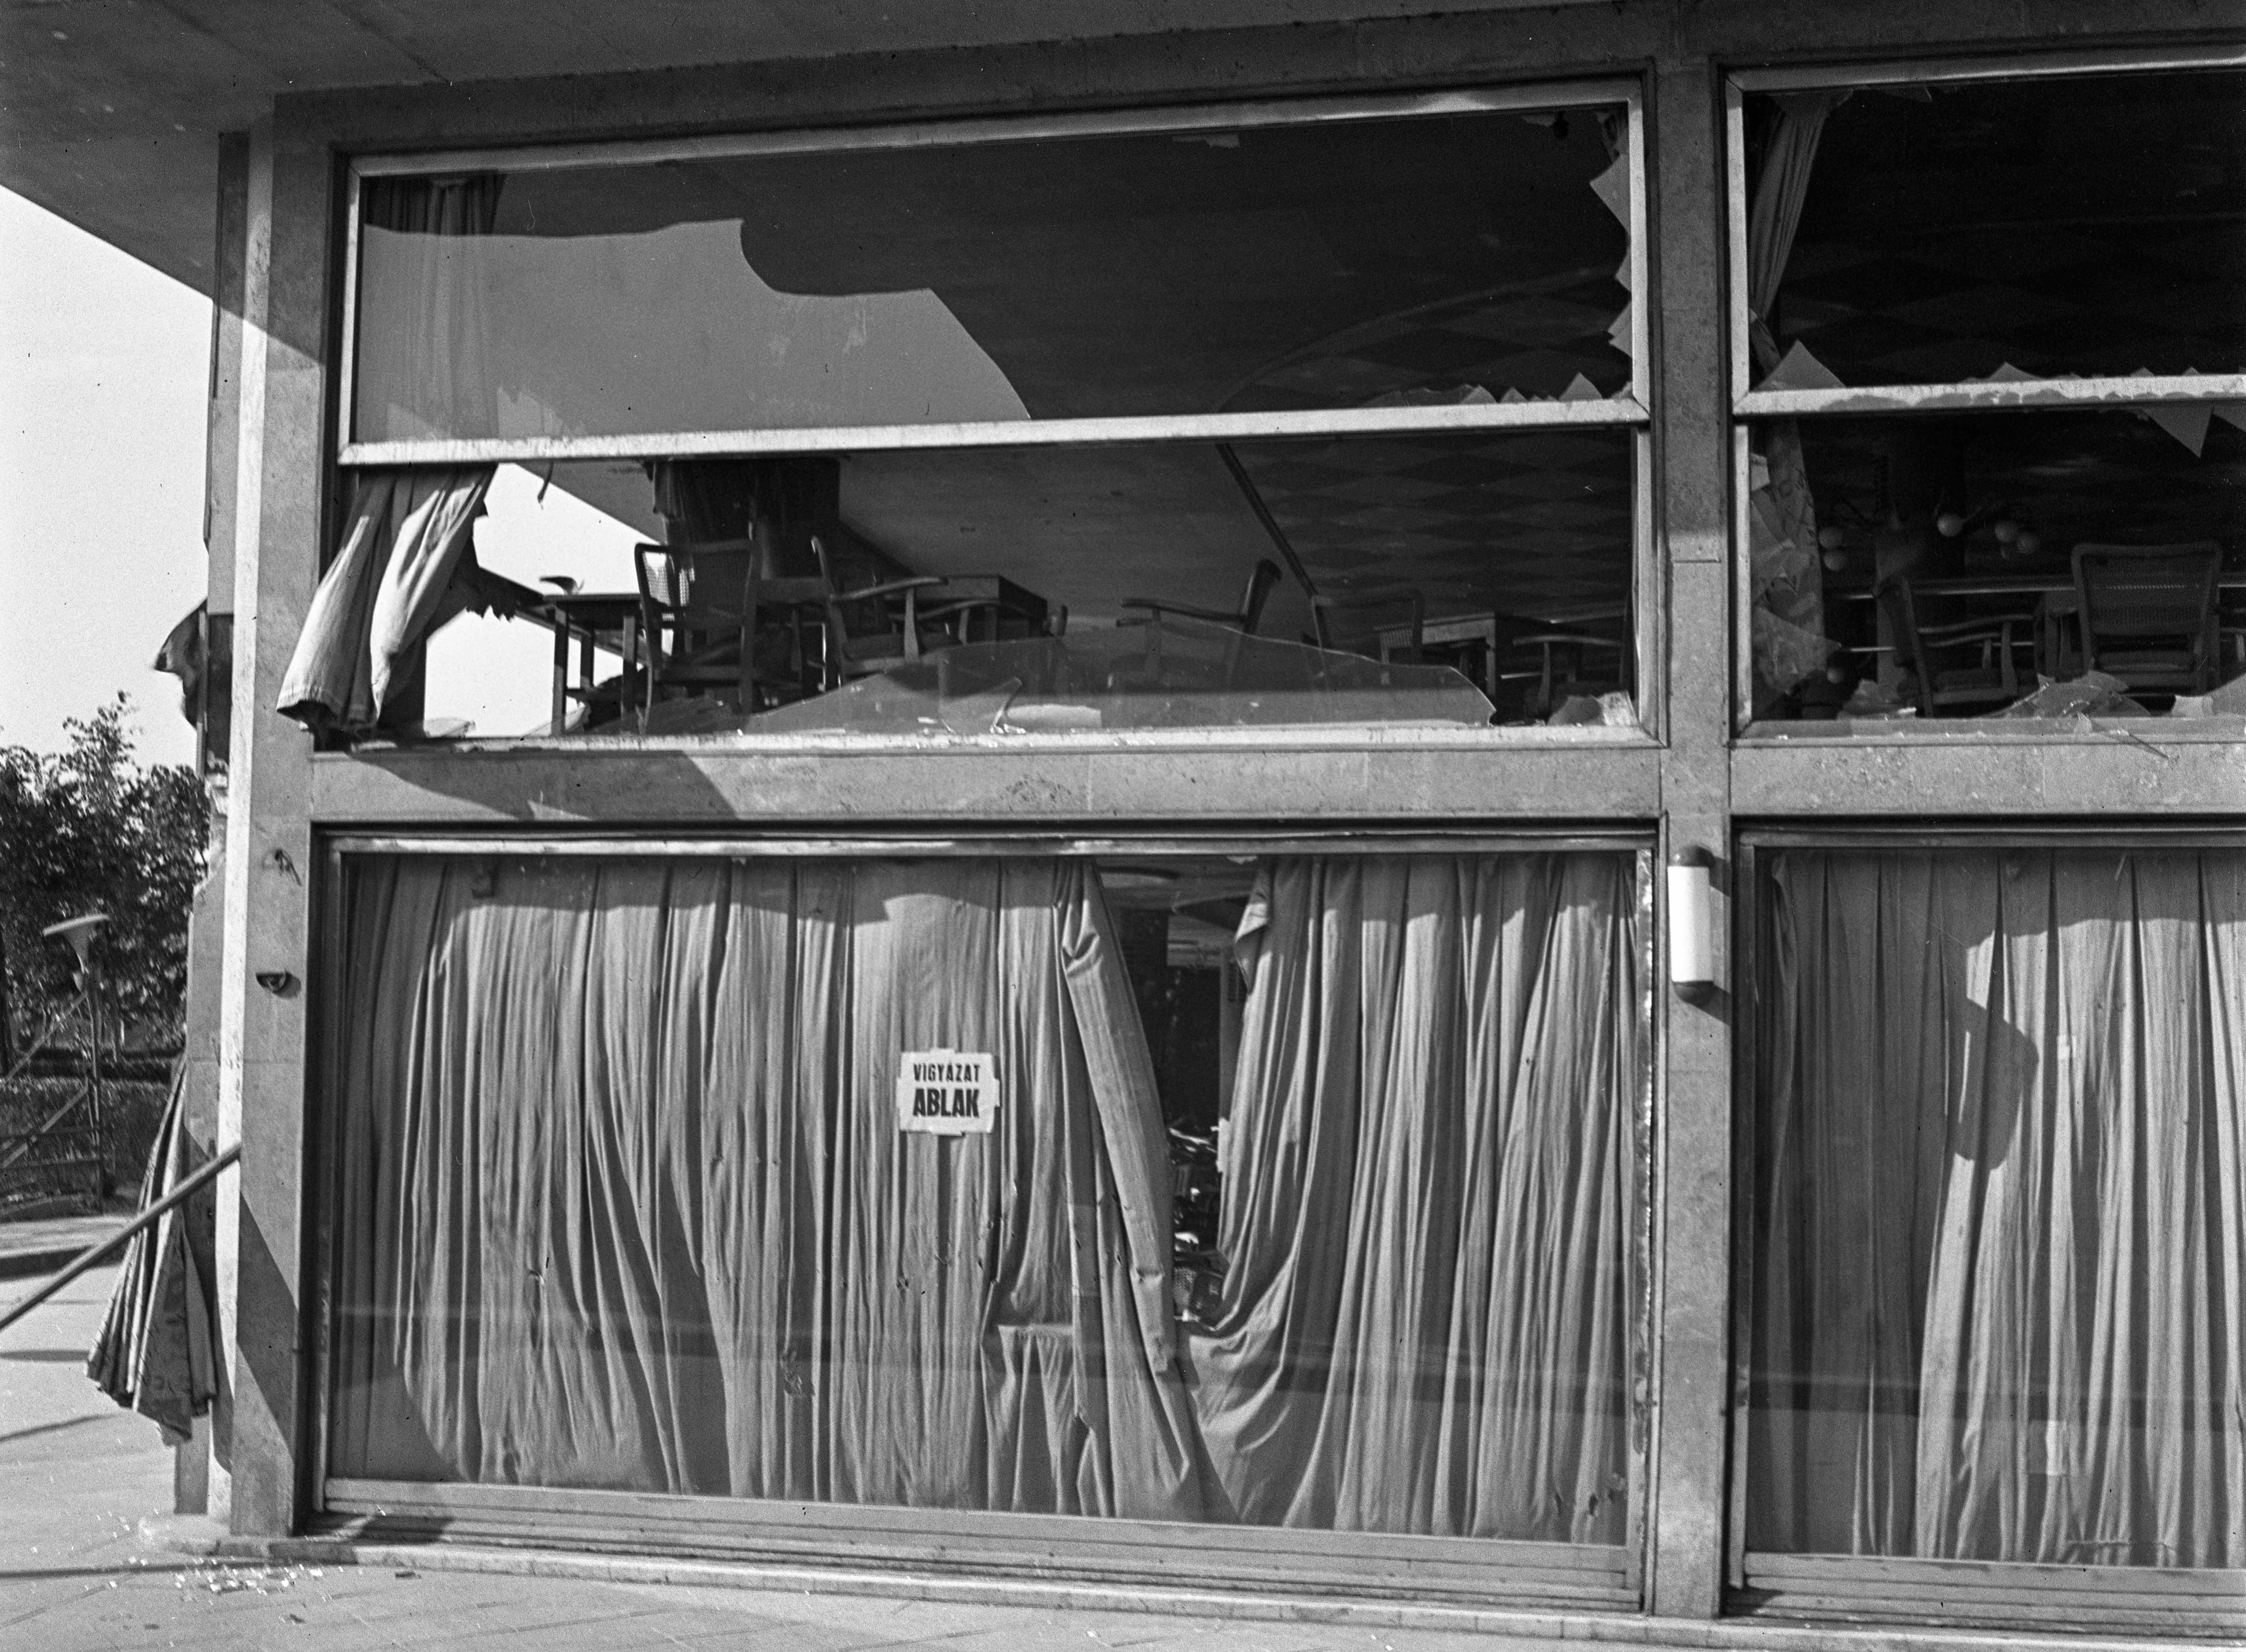 Forrás: Fortepan. A Dunapark Kávéház ablakai a bombázások idején.